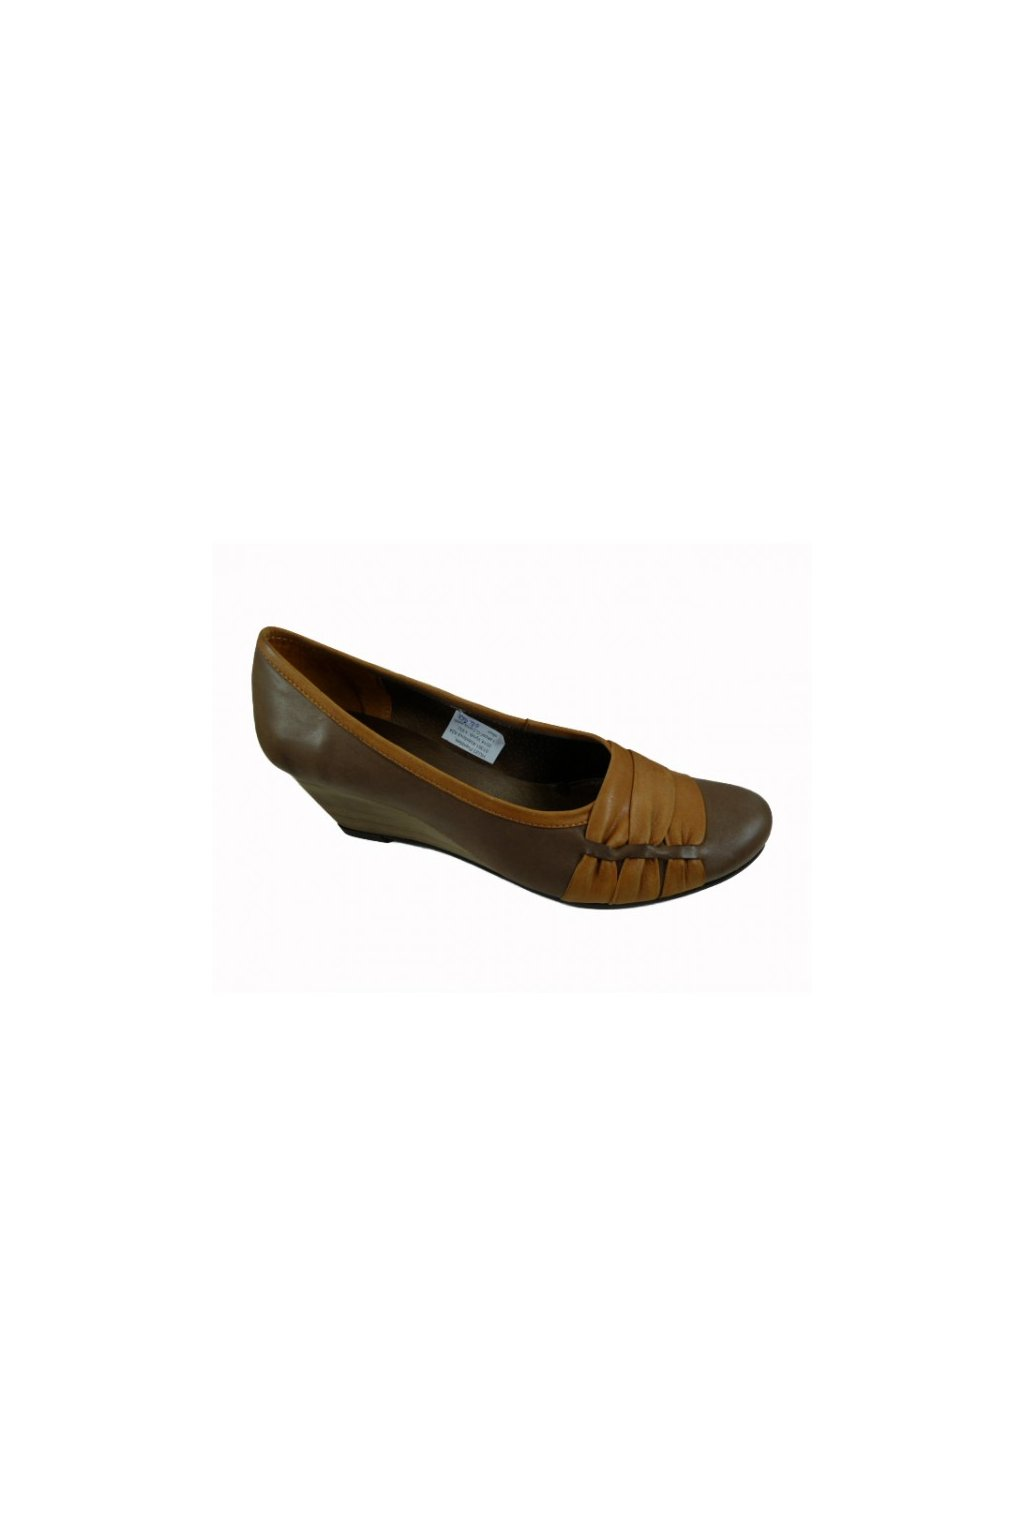 Dámská nadměrná obuv Hujo EW 953